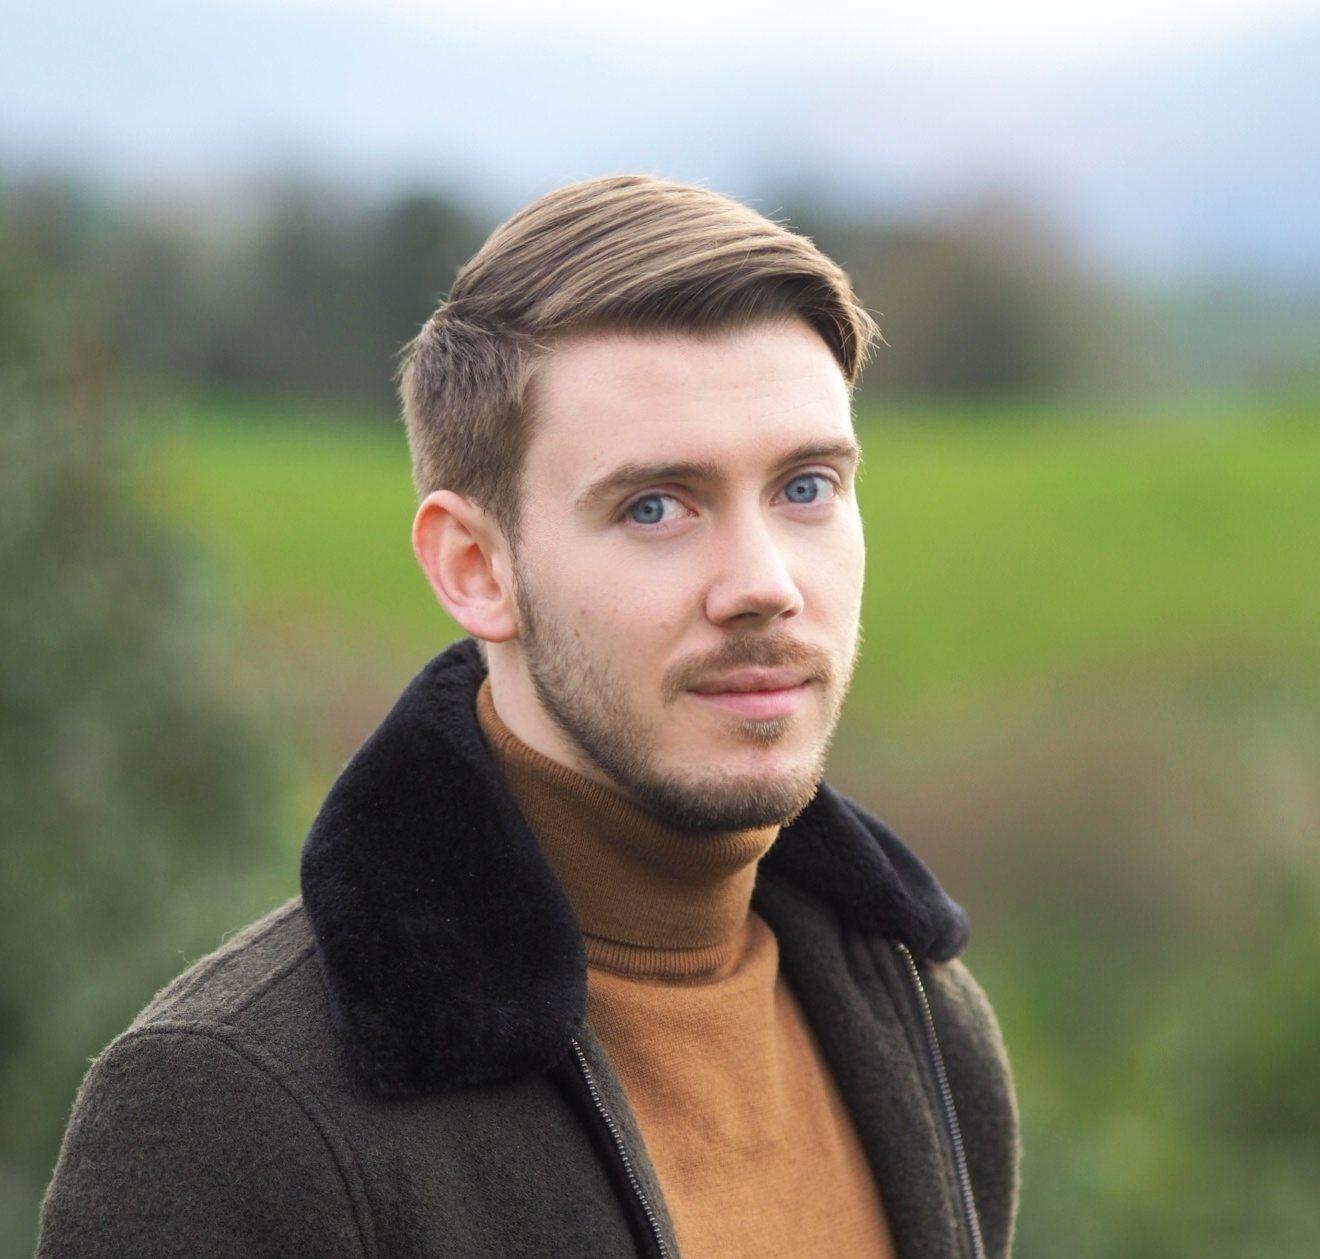 Colin O'Riordan